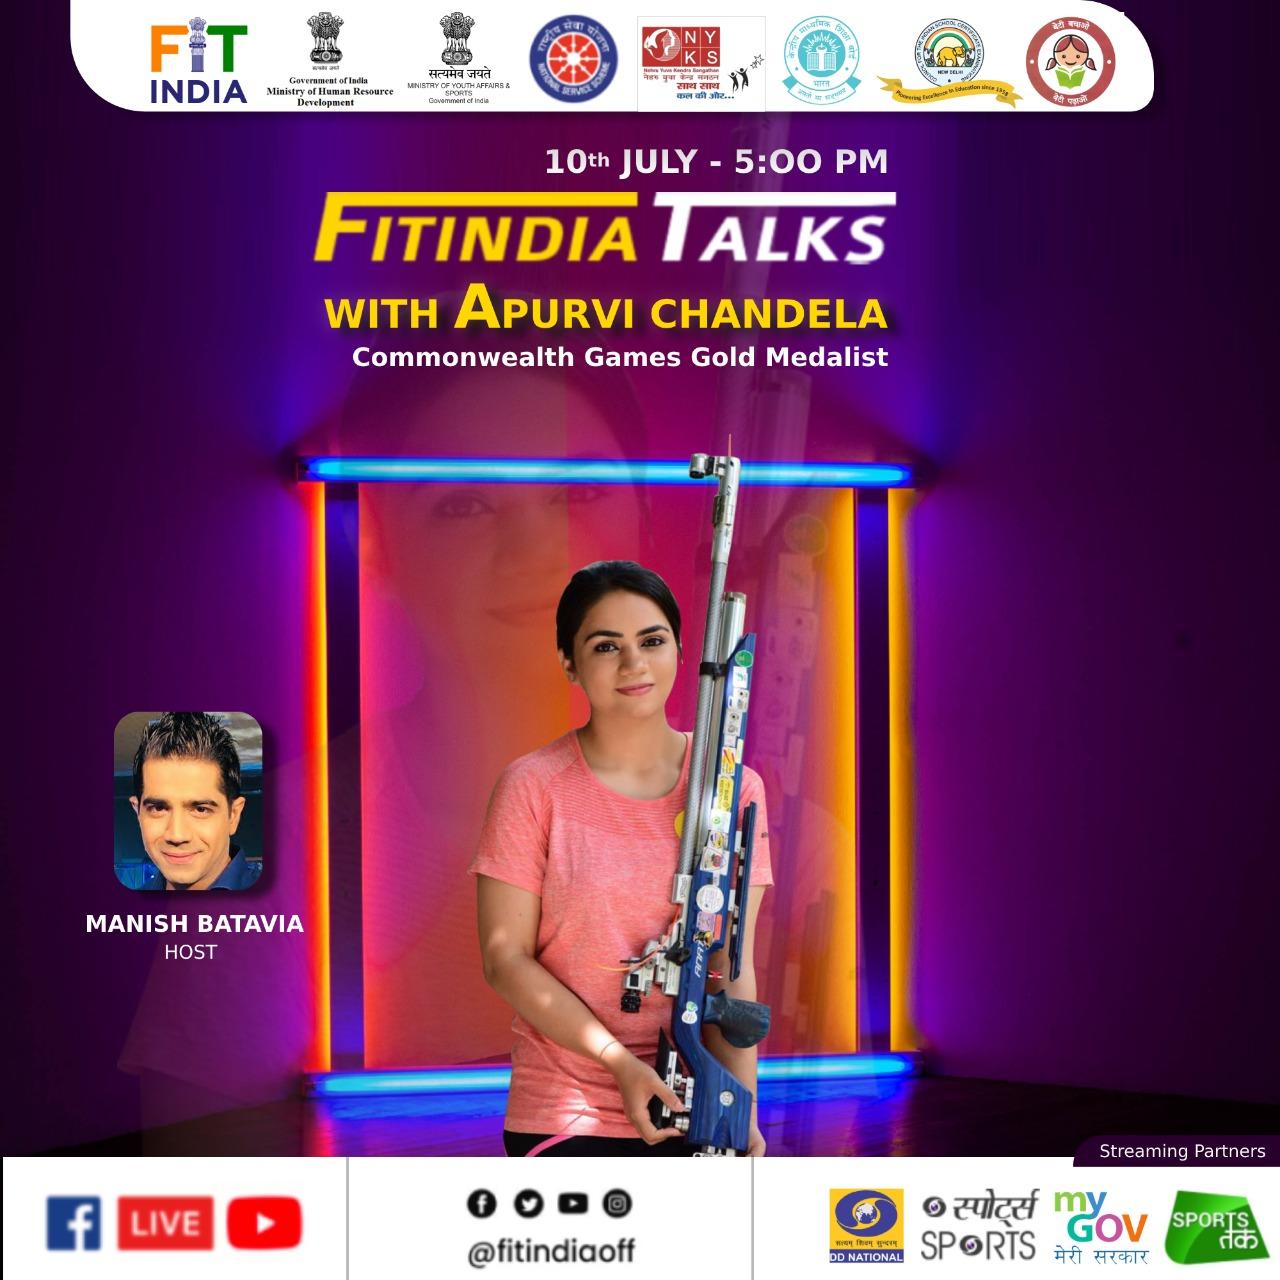 fitindia_talks-Manika_Batra